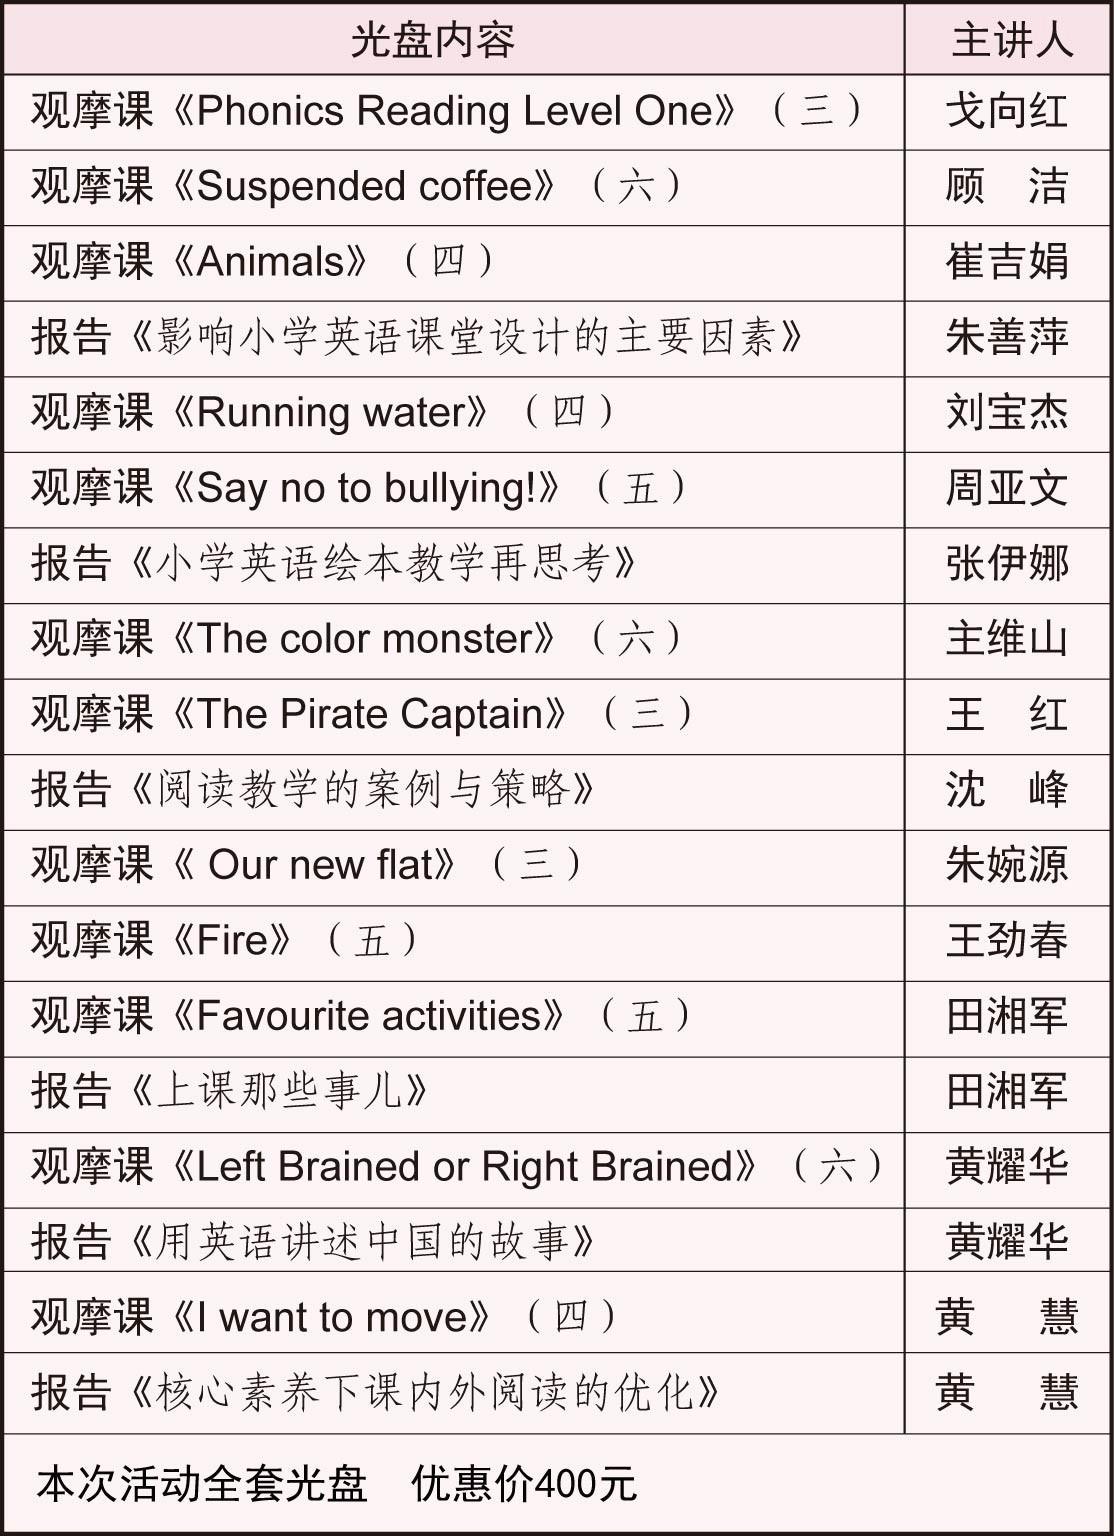 27届南京英语光盘图.jpg